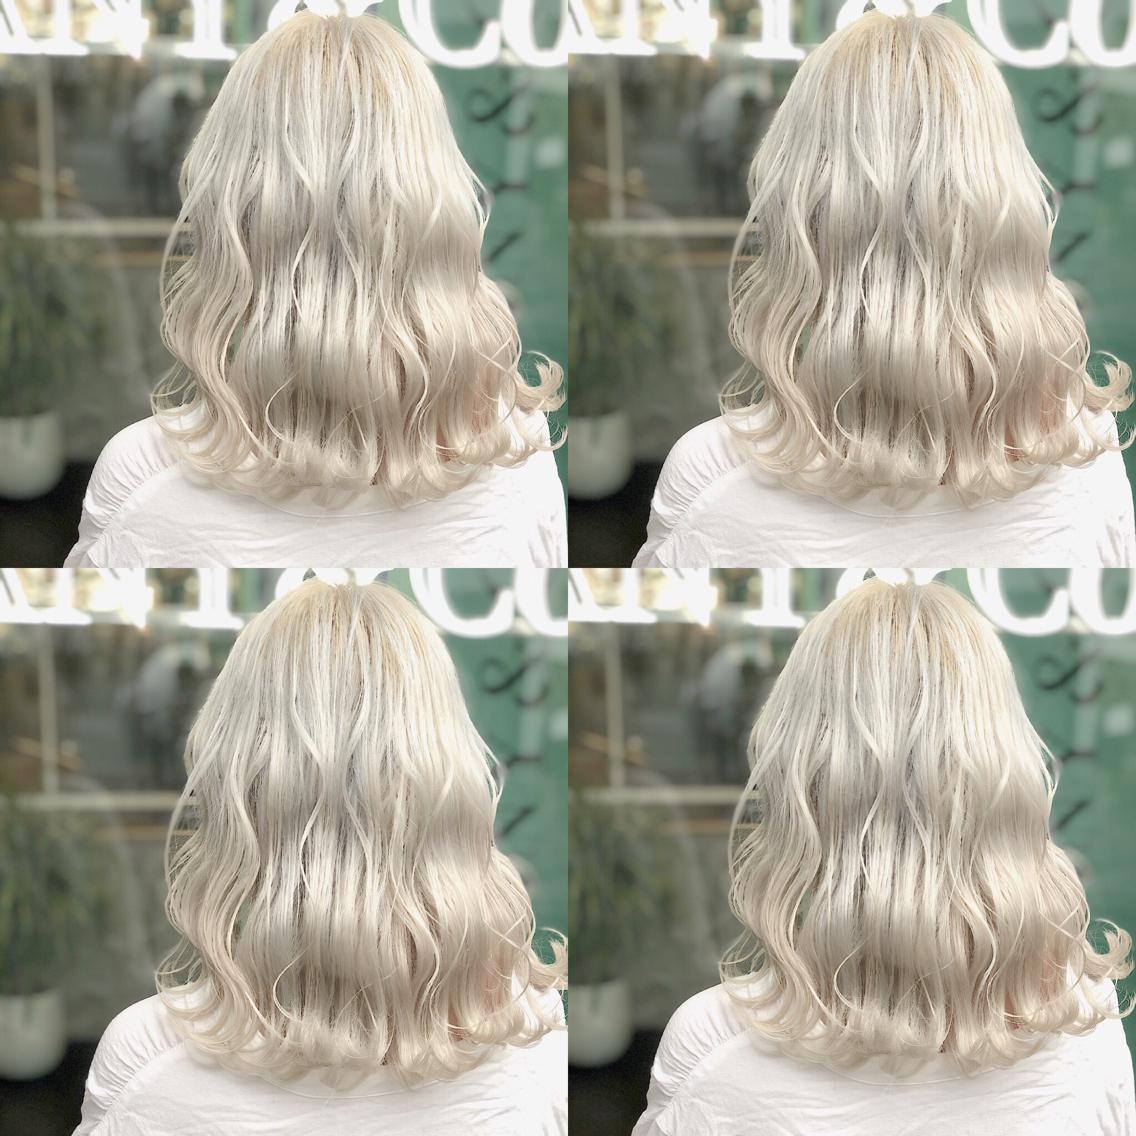 #カラー ホワイトカラー🇰🇷 ・perfect White・ ✳︎10800円〜✳︎ ✳︎minaでブリーチ3〜5回出来れば綺麗なホワイトヘアを作れます👻 ✳︎ ✳︎ダメージが強いとブリーチが出来ない場合もあるのでご了承ください ✳︎ムラシャンはエンシェールズのシャンプーを薄めて使うのがオススメ🧖🏻♀️ ✳︎ ✳︎黒染めや縮毛、デジパをしていなくてダメージがひどくなければおおよそ4〜5回ブリーチで出来ます🦄✳︎ 最後まで可愛く仕上げます🇰🇷 ✳︎ お店の近くにあるティファニーカフェで映えな写真もプレゼントします🦄 ✳︎ ✳︎黒染め履歴、ダメージが強い方はでホワイトにはならないです💦  #原宿#ハイトーンカラー#シルバーカラー#ヘアカラー#ネイビーカラー#ホワイトカラー#ブロンドヘアー#アッシュ#ケアブリーチ#ブロンドカラー#派手髪#ラベンダーカラー#ミルクティーカラー#アッシュ#ミルクティーベージュ#ブルージュ#グレージュ#ピンクカラー#インナーカラー#ハイライトカラー#グラデーションカラー#bts#seventeen#twice ✳︎ ✳︎ ✳︎